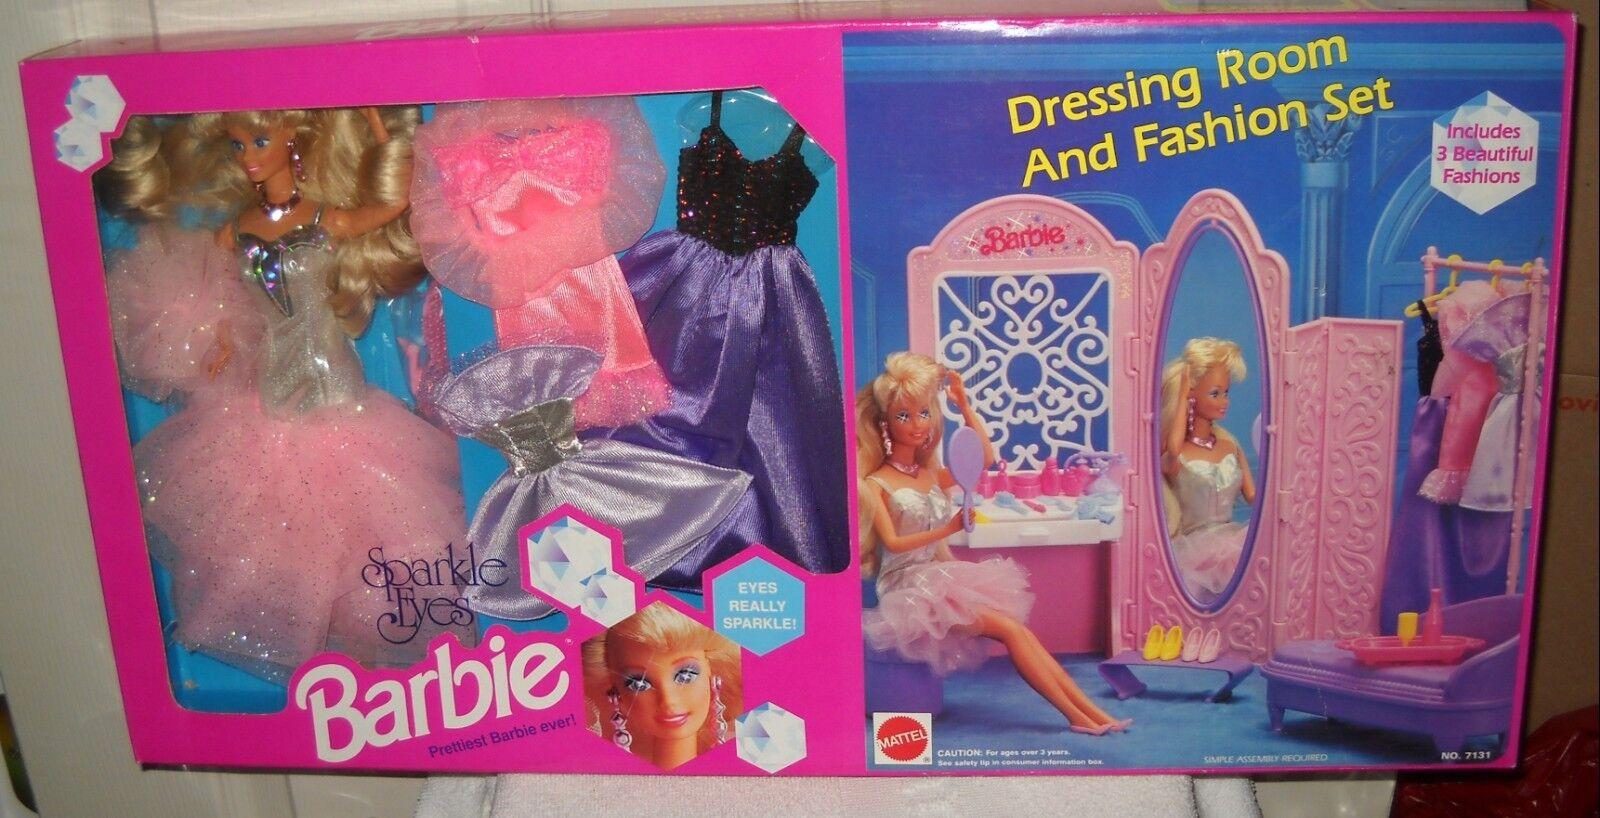 Nunca quitado de la Caja Mattel al por mayor club Sparkle ojos Barbie Vestidor & Juego De Moda